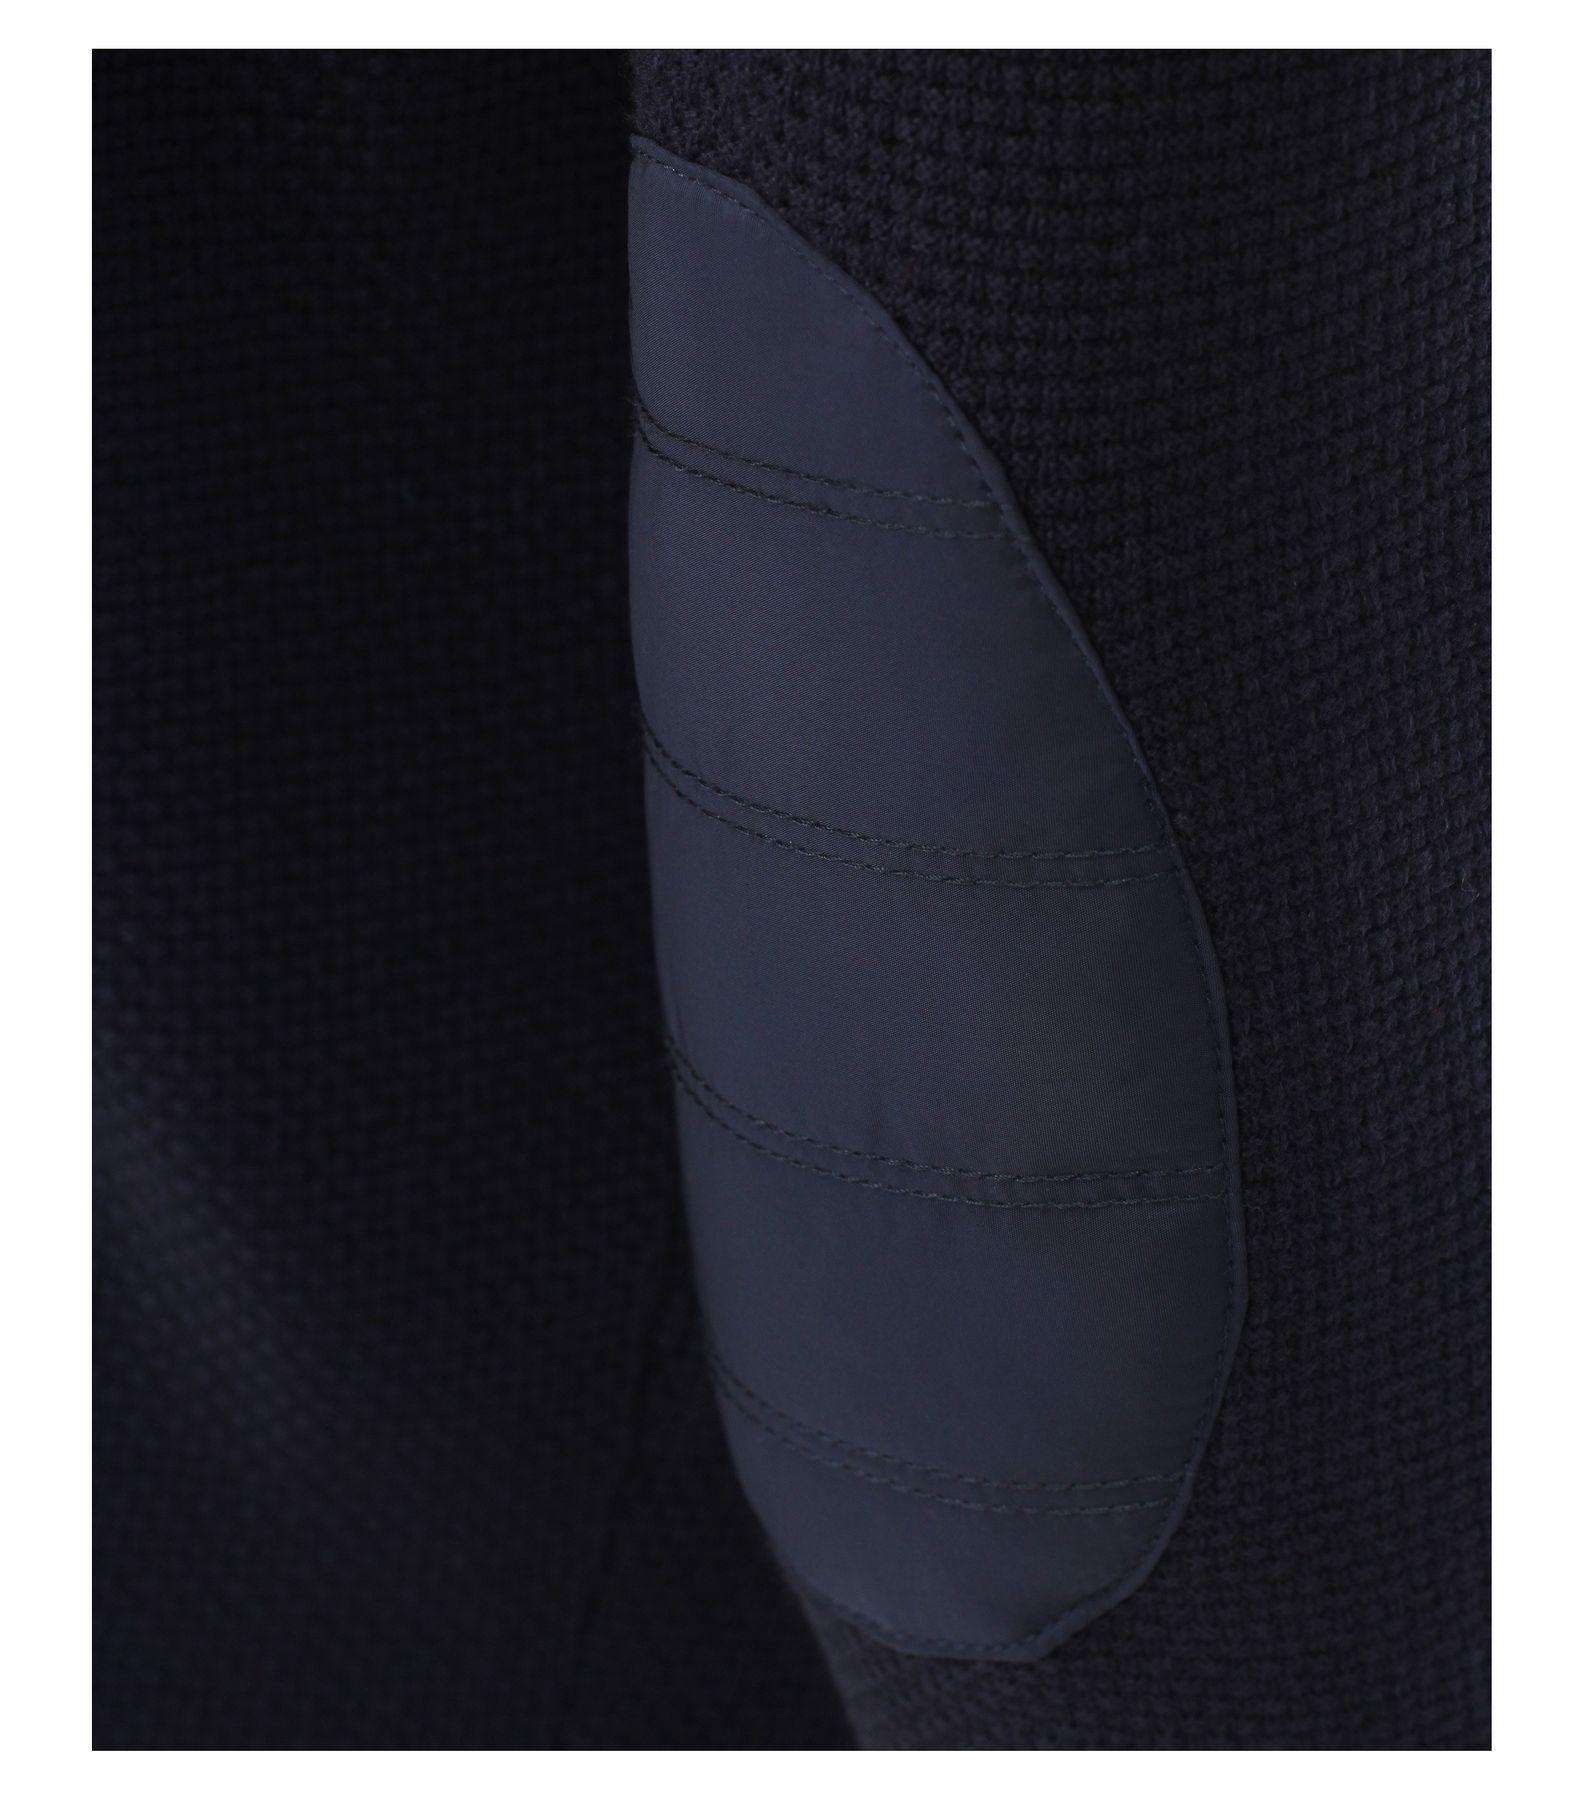 Casa Moda - Herren Sweat-Troyer mit Stehkragen in Blau aus 100% Baumwolle (472779800) – Bild 3